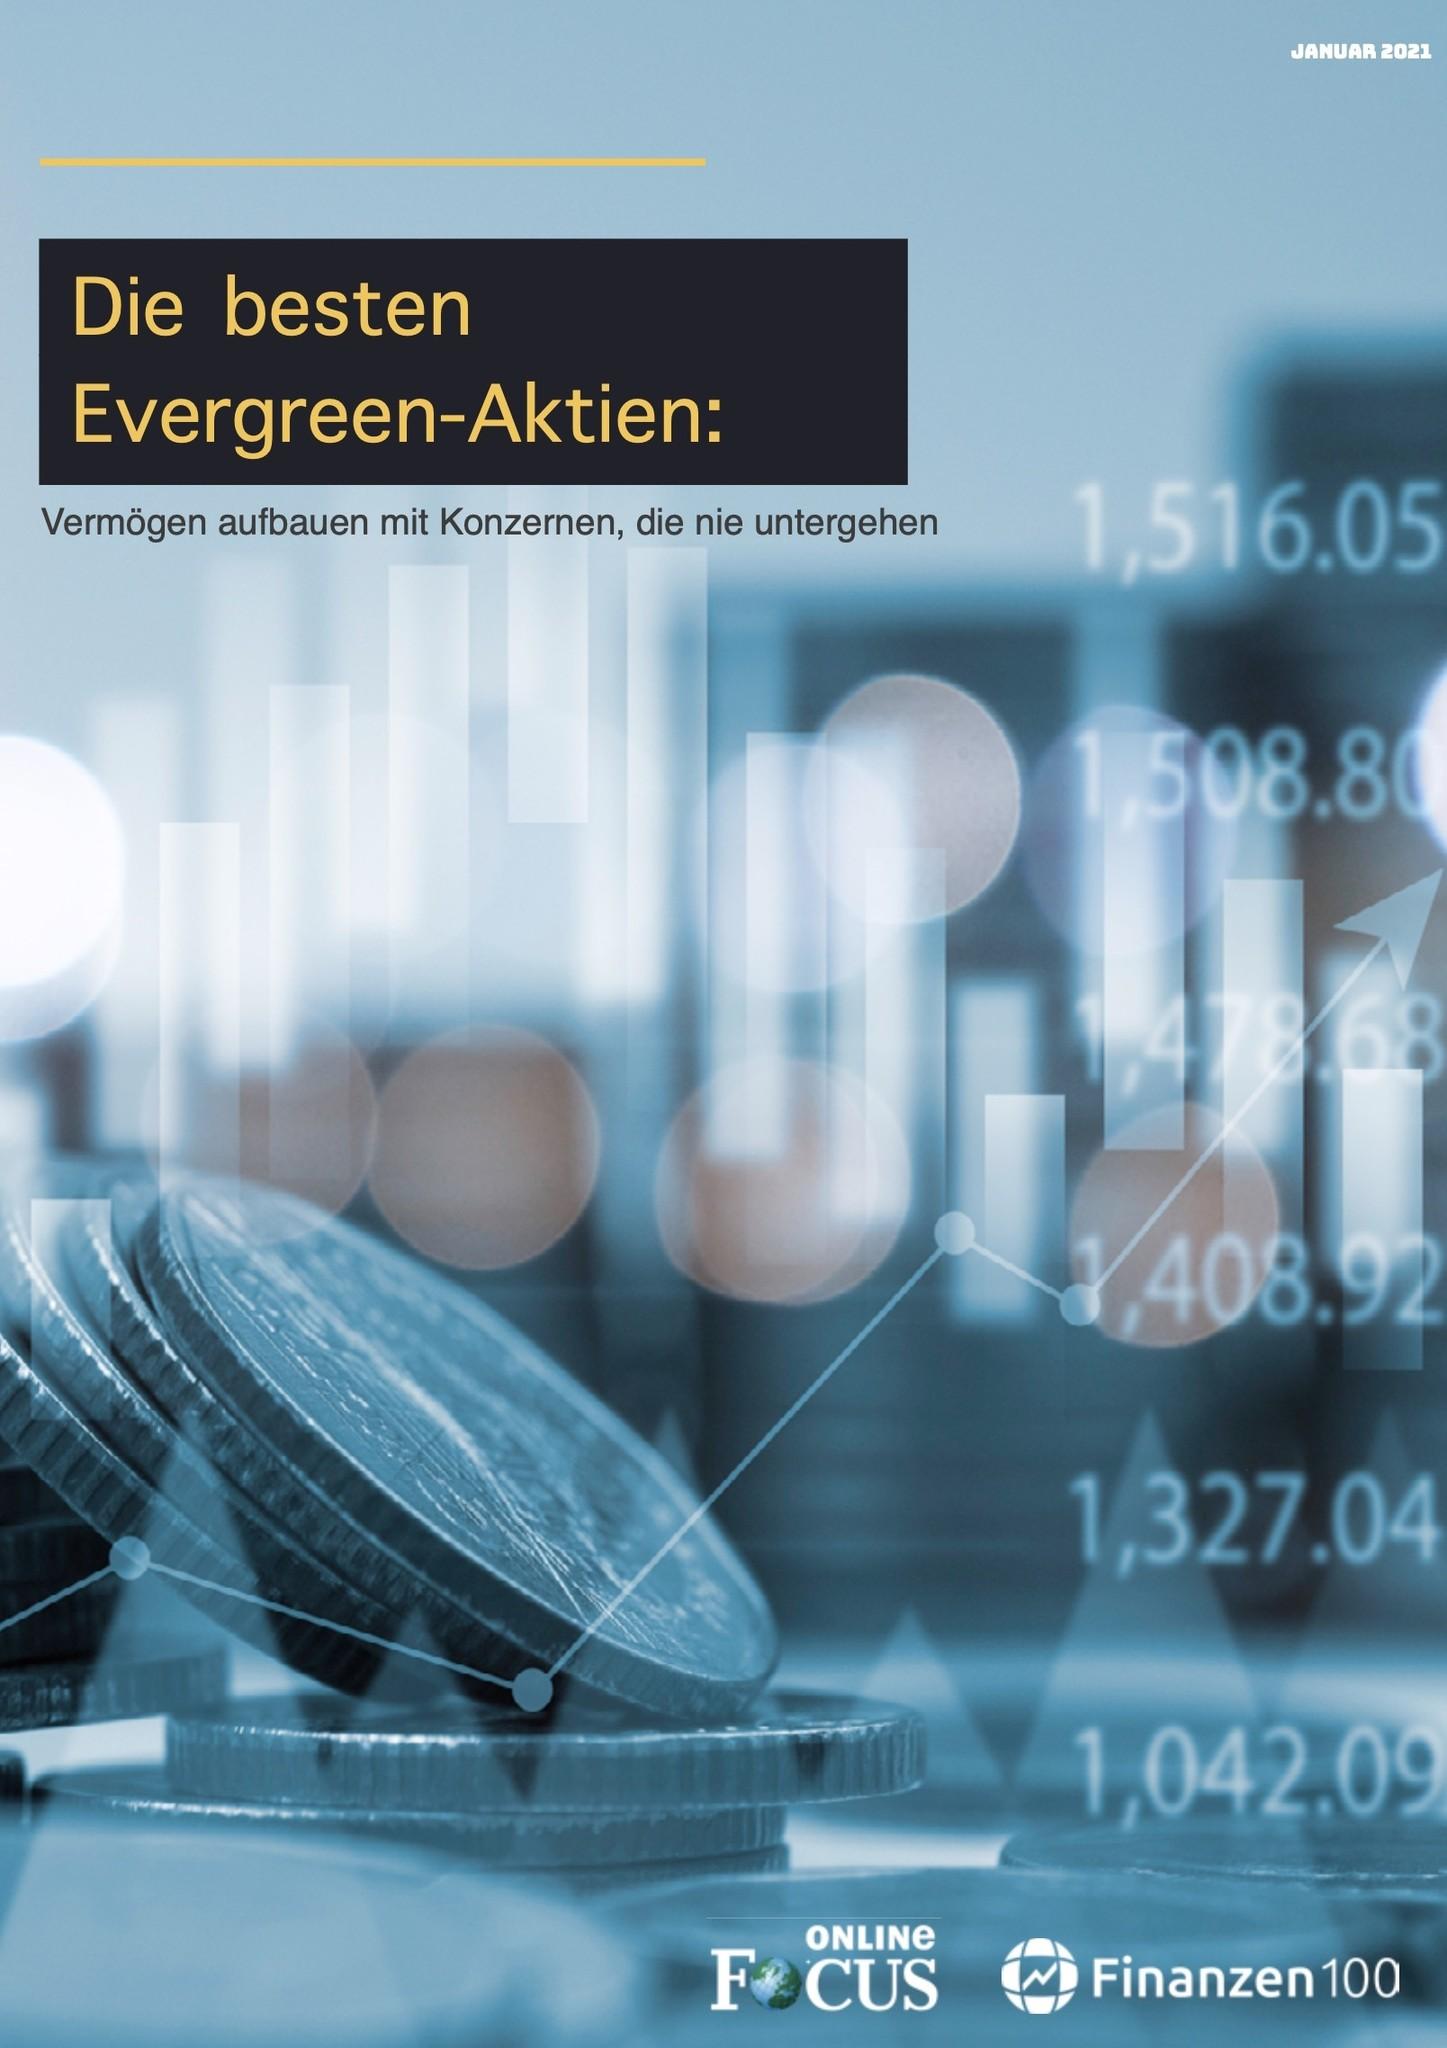 Finanzen100 Die besten Evergreen-Aktien: Vermögen aufbauen mit Konzernen, die nie untergehen